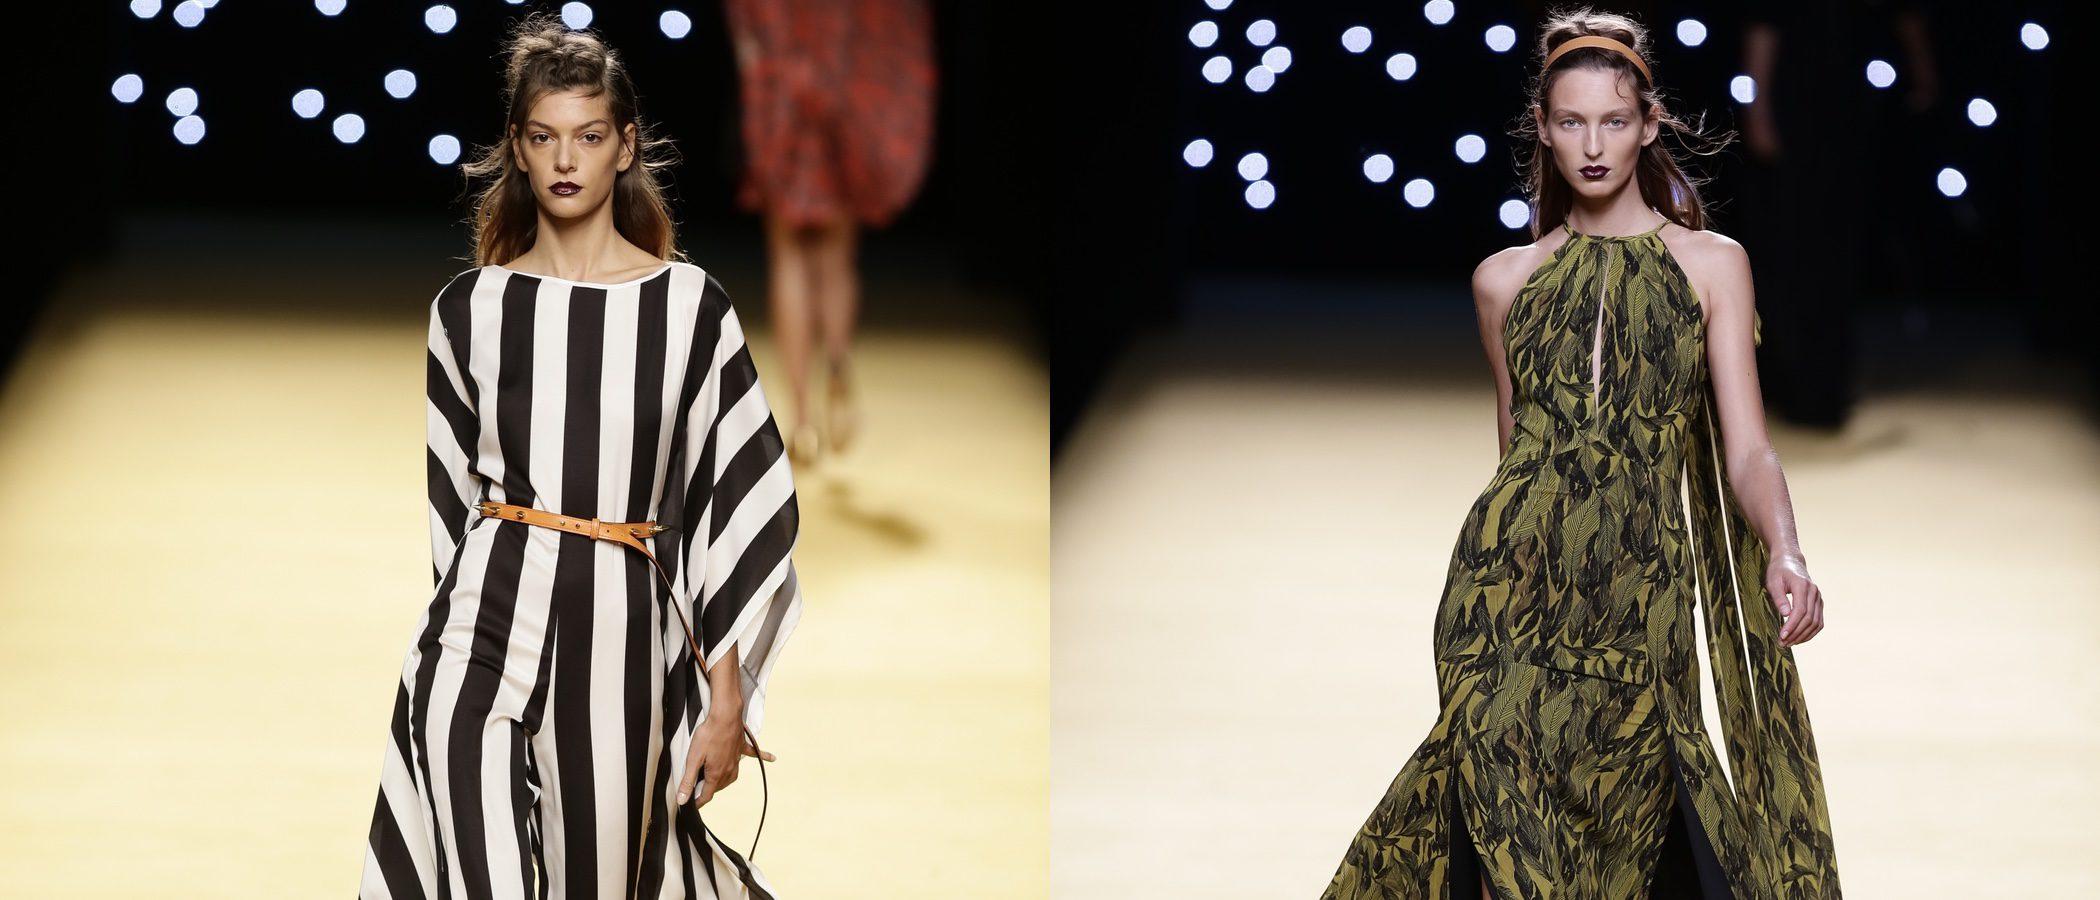 Juanjo Oliva deja su sello de identidad sobre la Madrid Fashion Week en la colección primavera/verano 2017